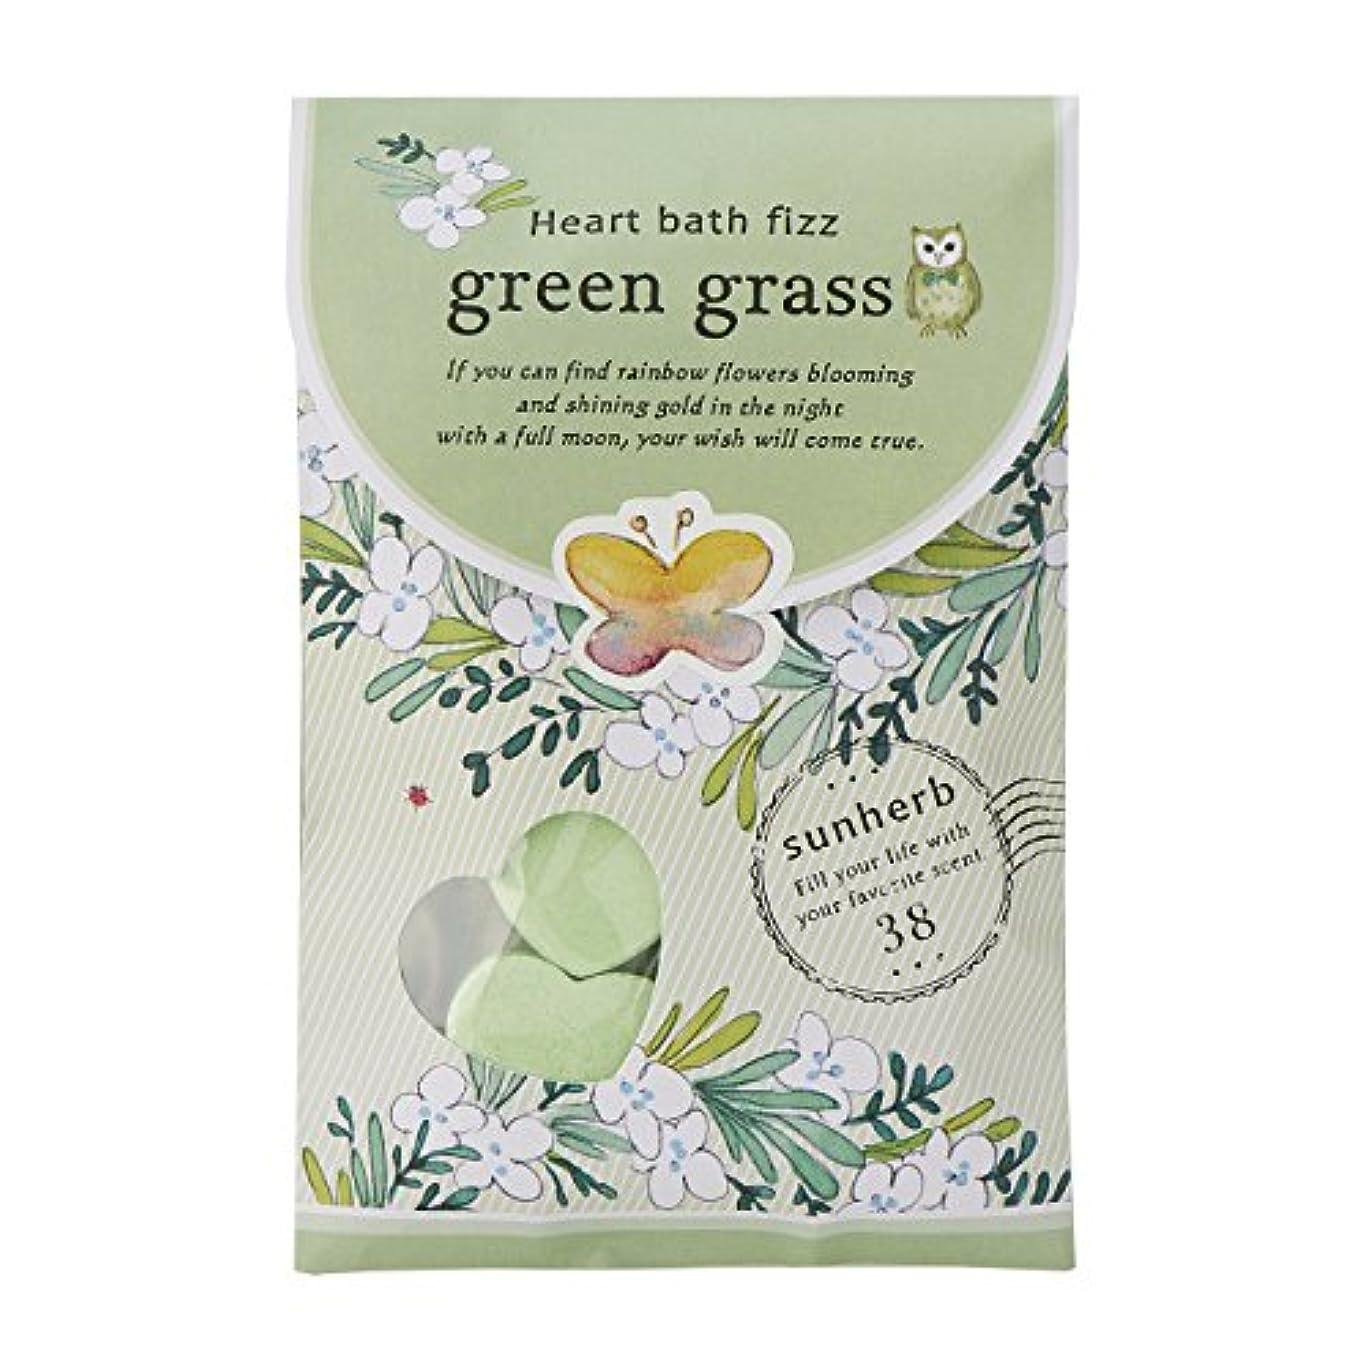 時々統合する小包サンハーブ ハートバスフィズ28g×2包 グリーングラス(発泡タイプの入浴料 爽やかでちょっと大人の香り)